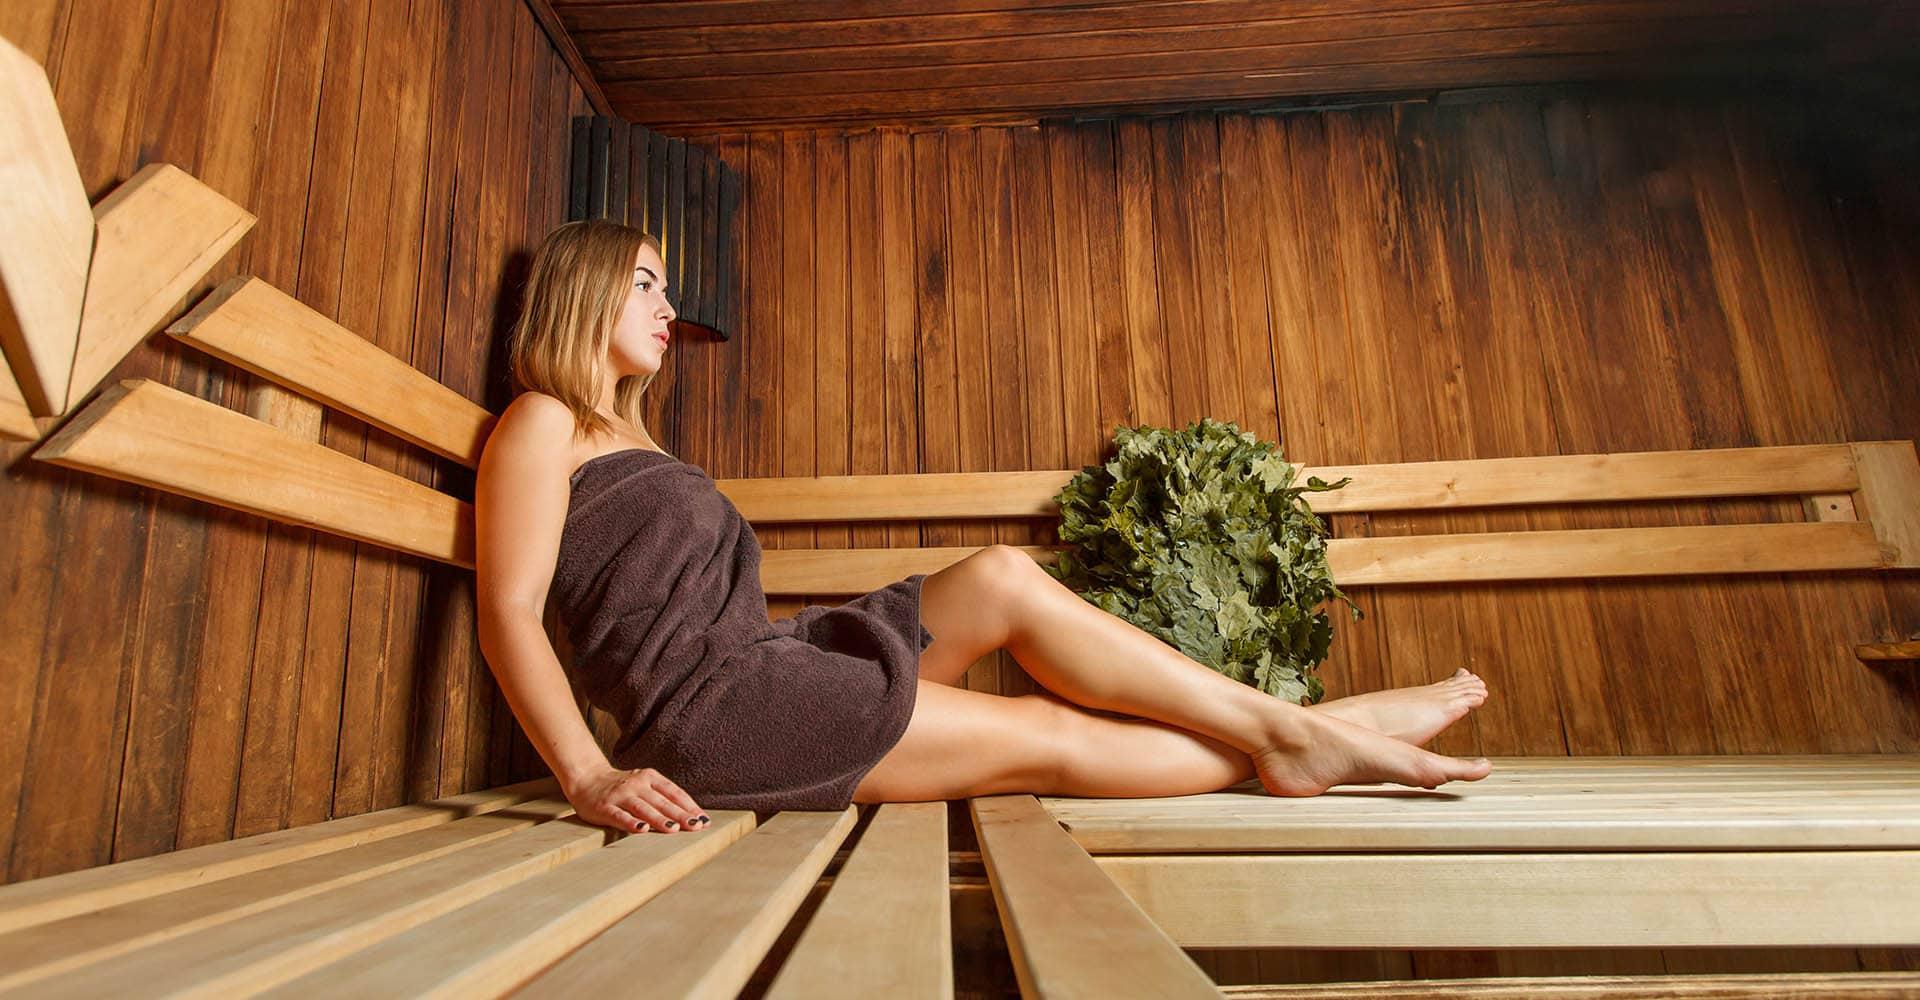 Frau mit braunem Saunatuch in Sauna